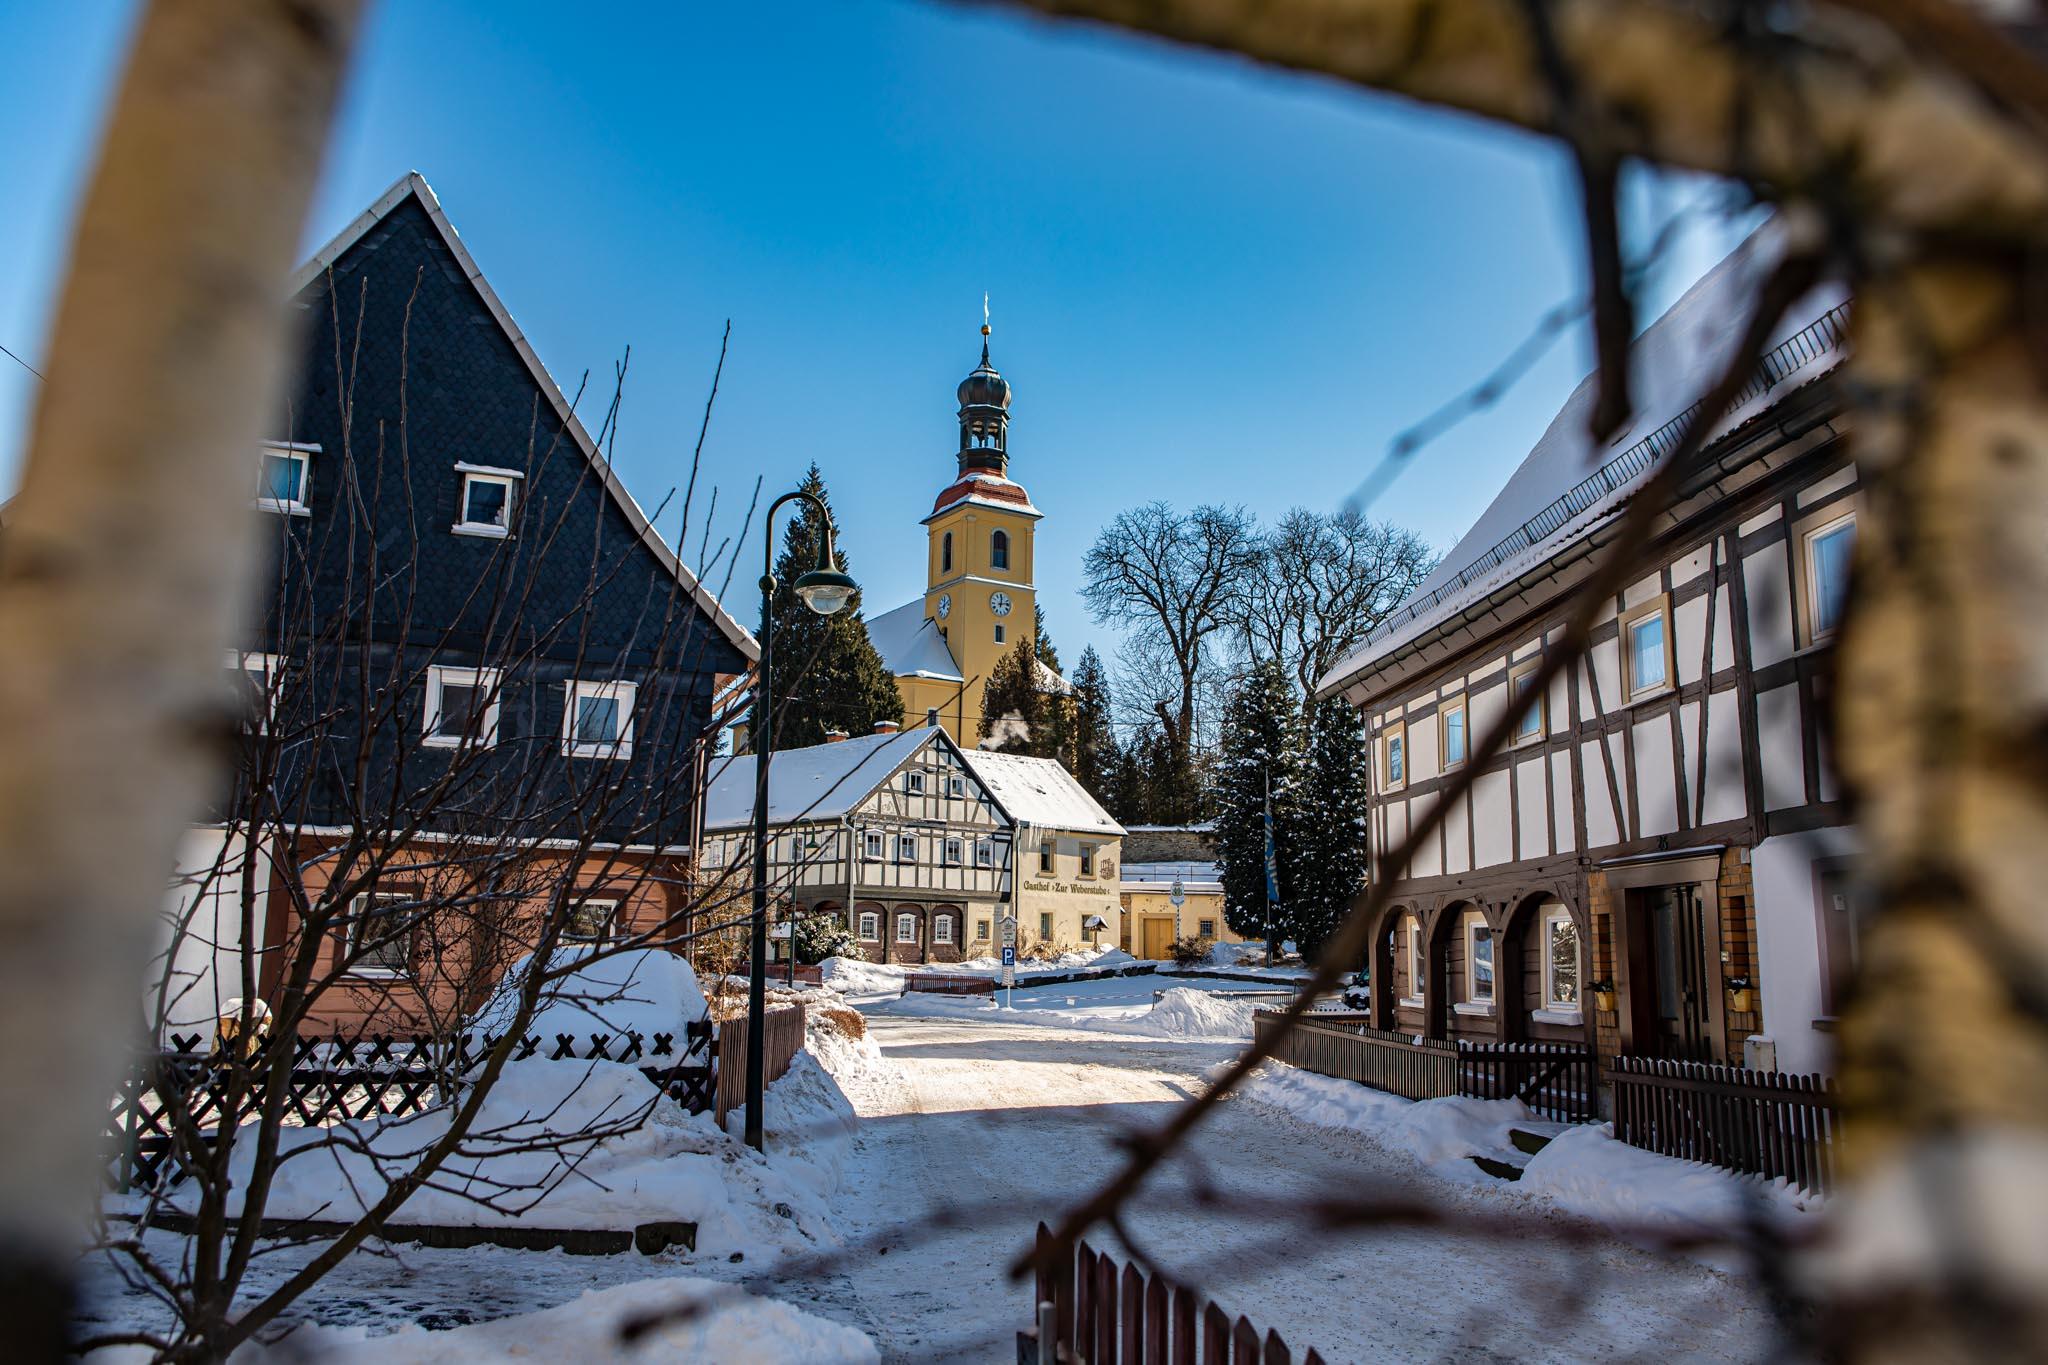 umgebindehäuser, kirche, winter, schnee, textildorf, großschönau, historischer ortskern, naturpark zittauergebirge, oberlausitz, fotos, bilder